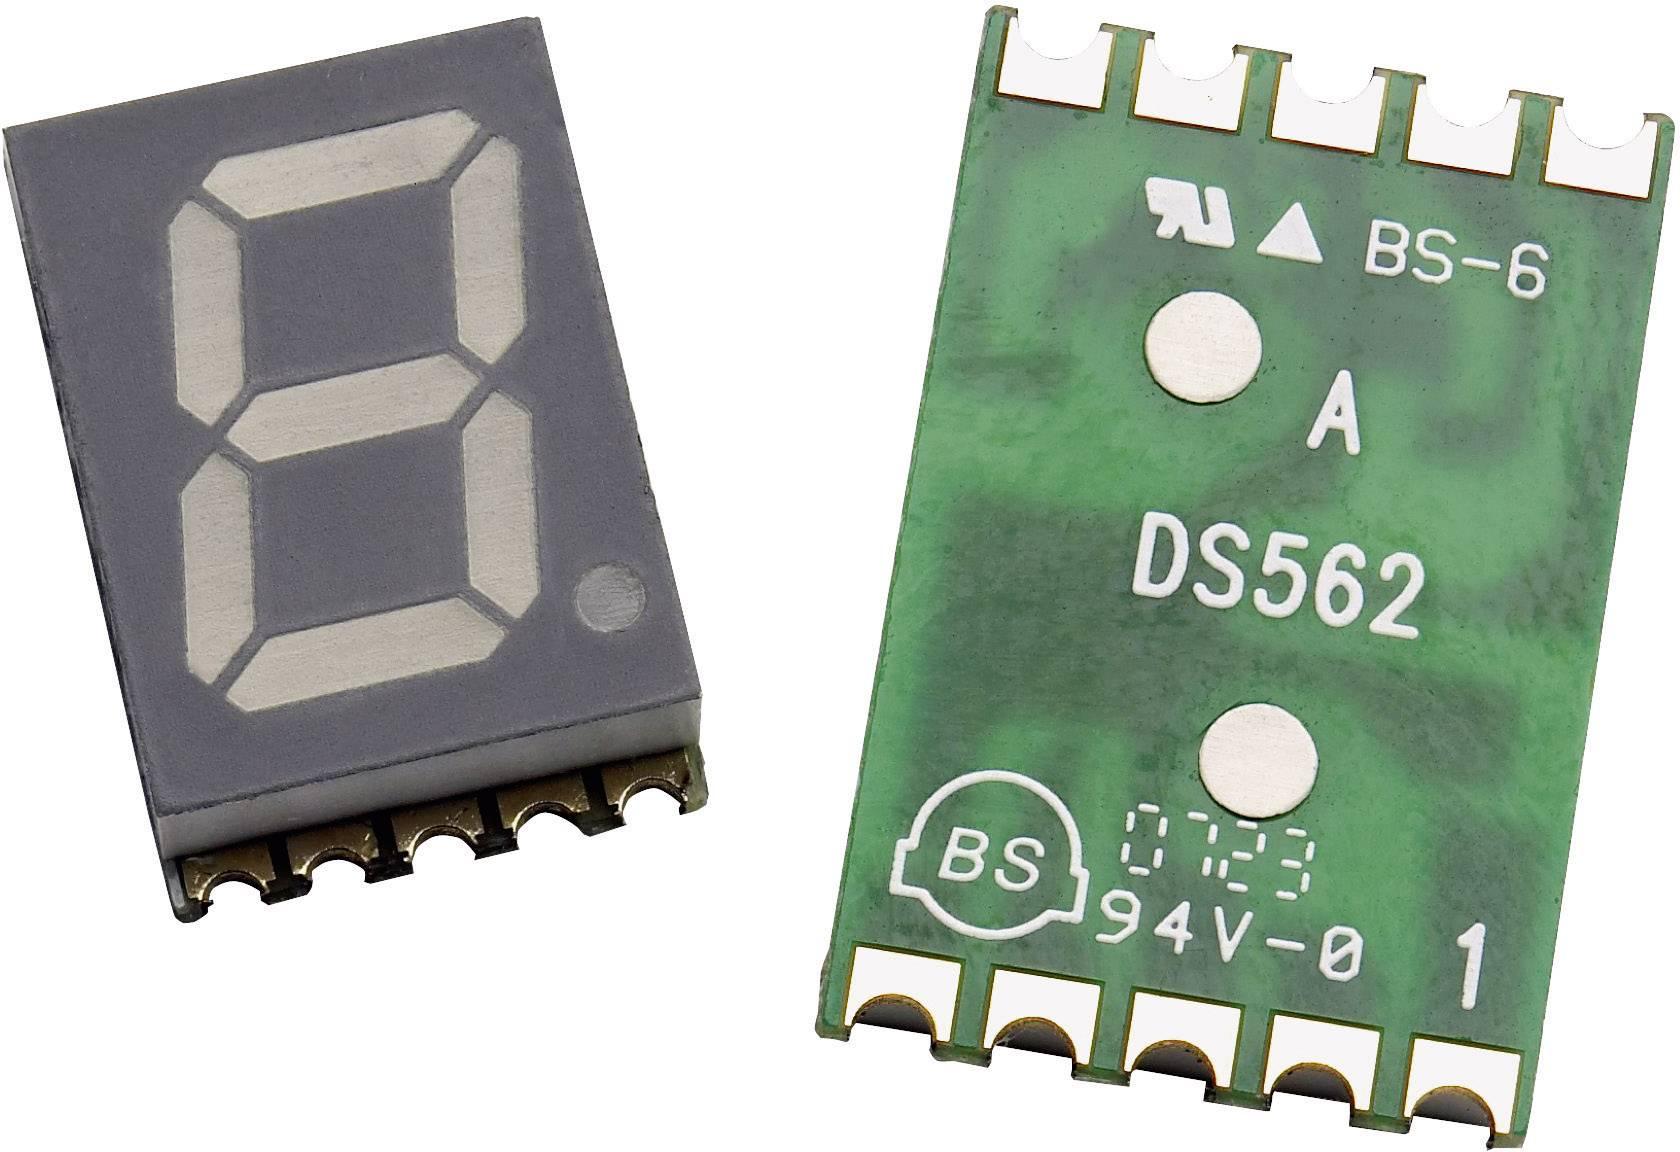 7-segmentový displej Broadcom HDSM-433L, číslic 1, 10 mm, 2.1 V, oranžová